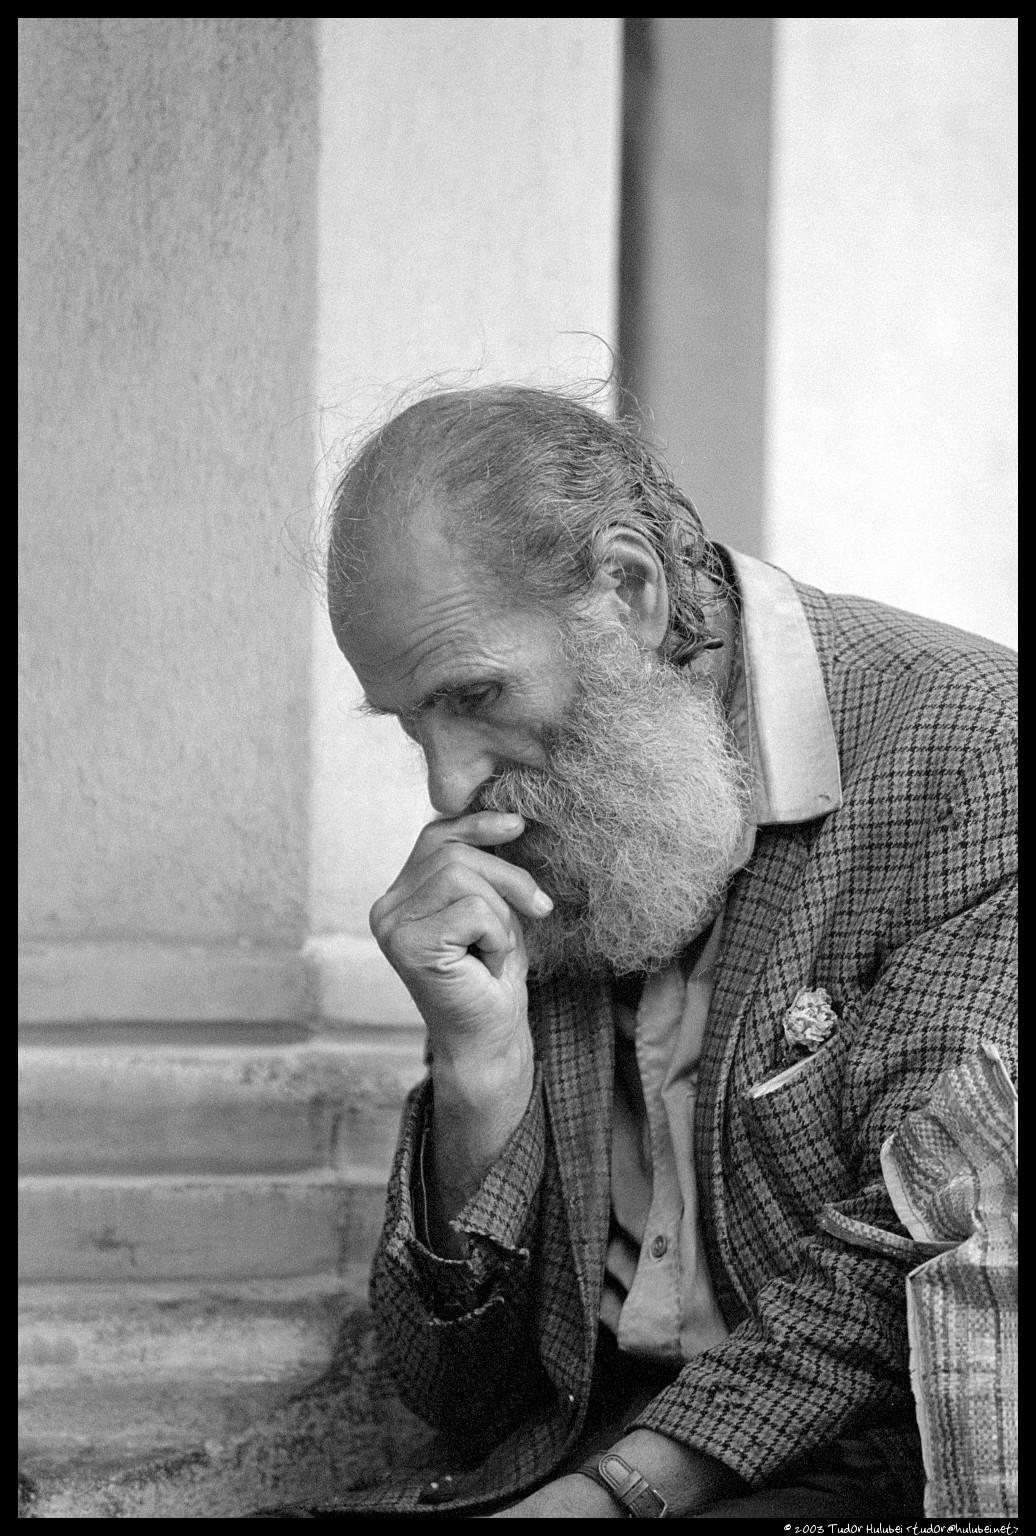 40b94774c0 Old man waiting · Old man waiting Meme Template